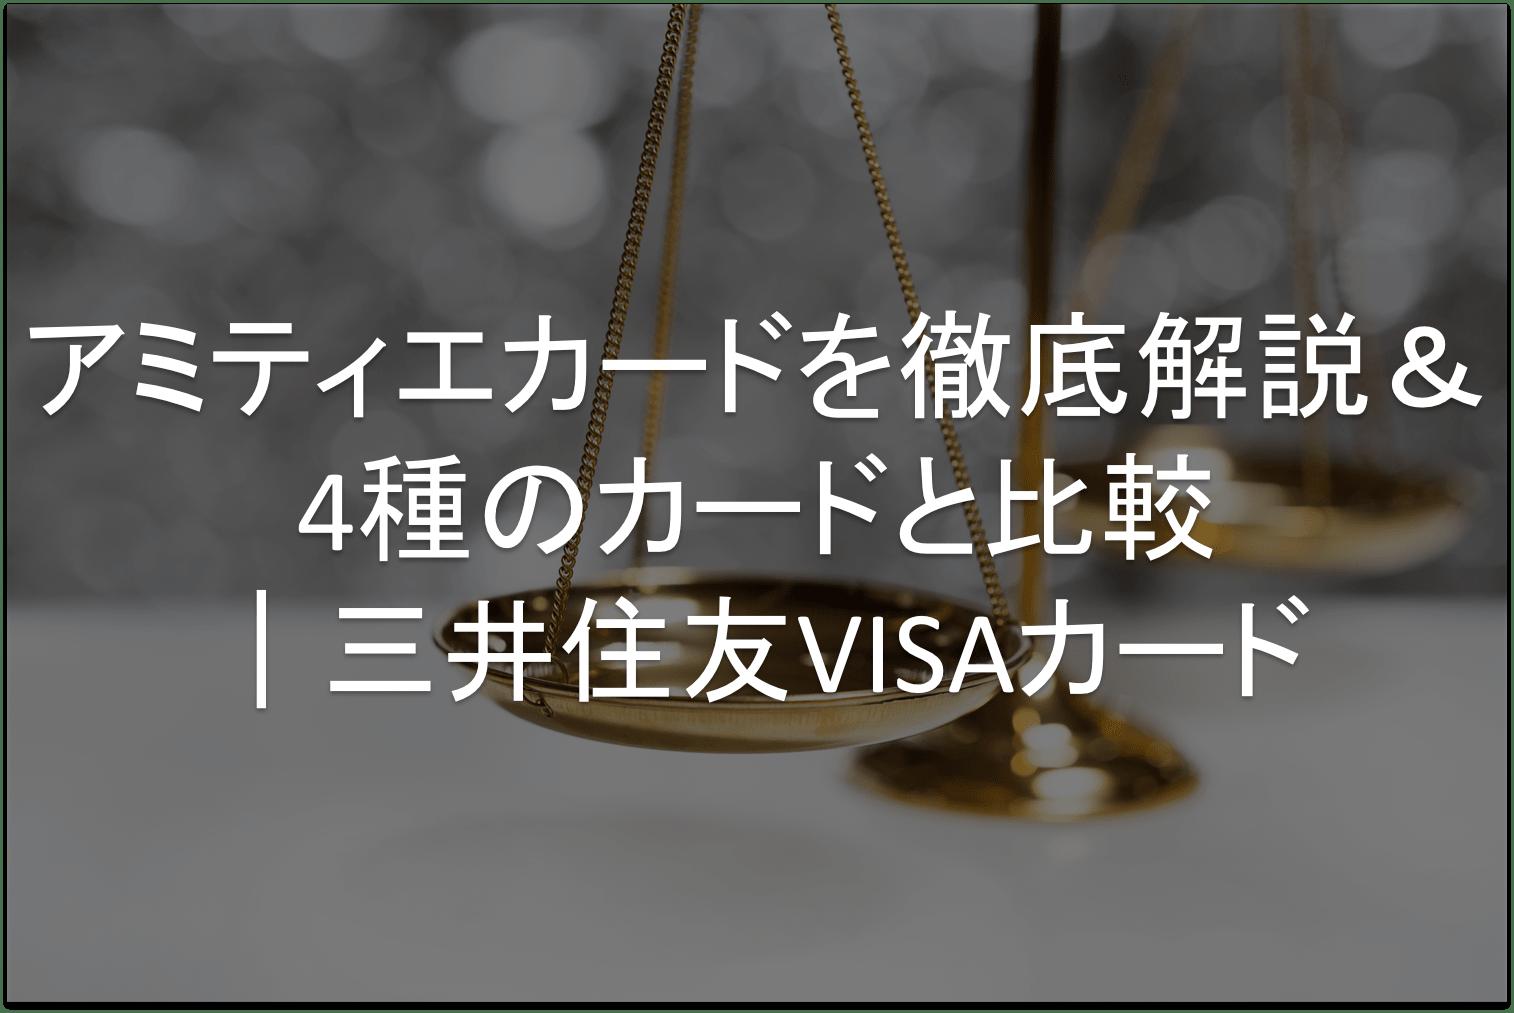 三井住友VISAカード アミティエ